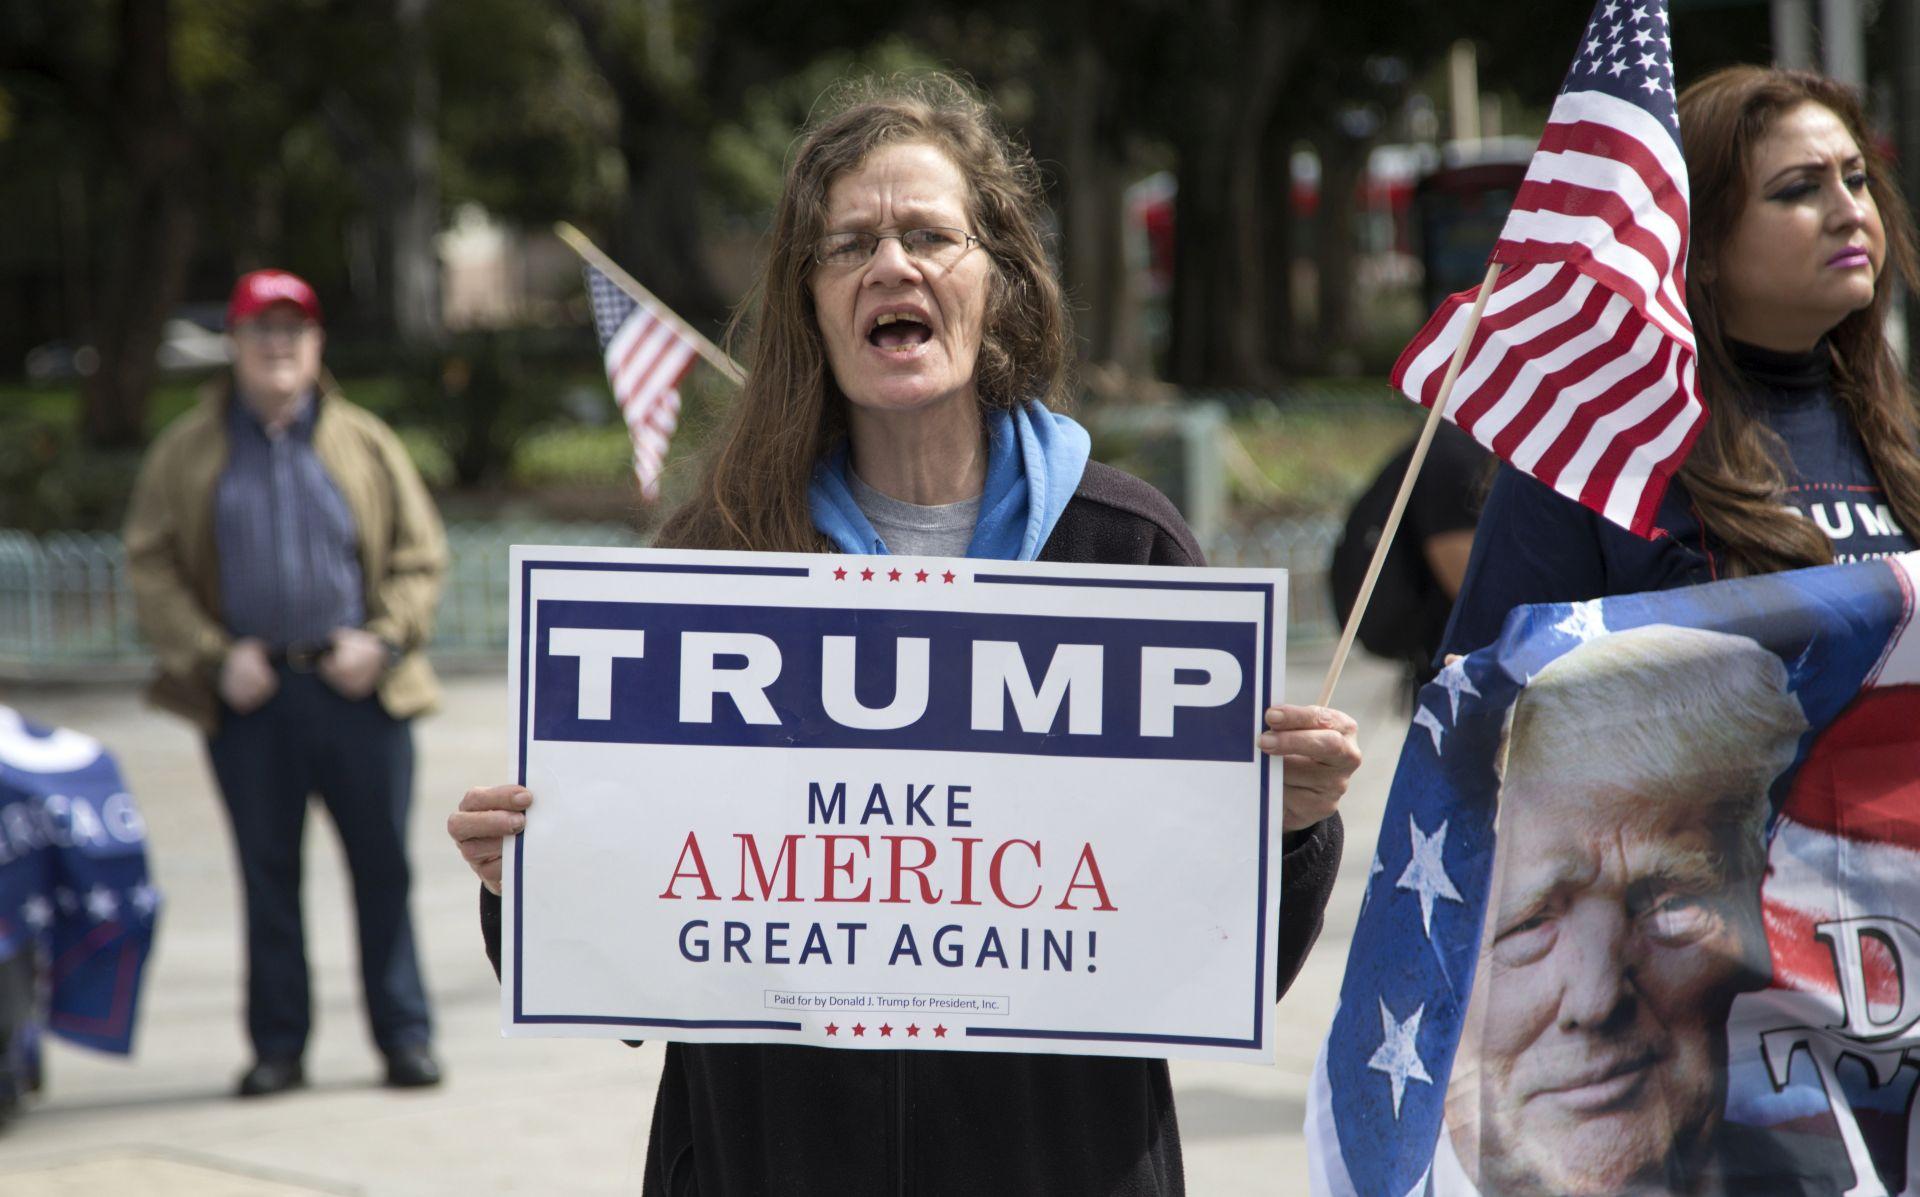 Broj ulazaka ilegalnih imigranata u SAD pao za 40 posto